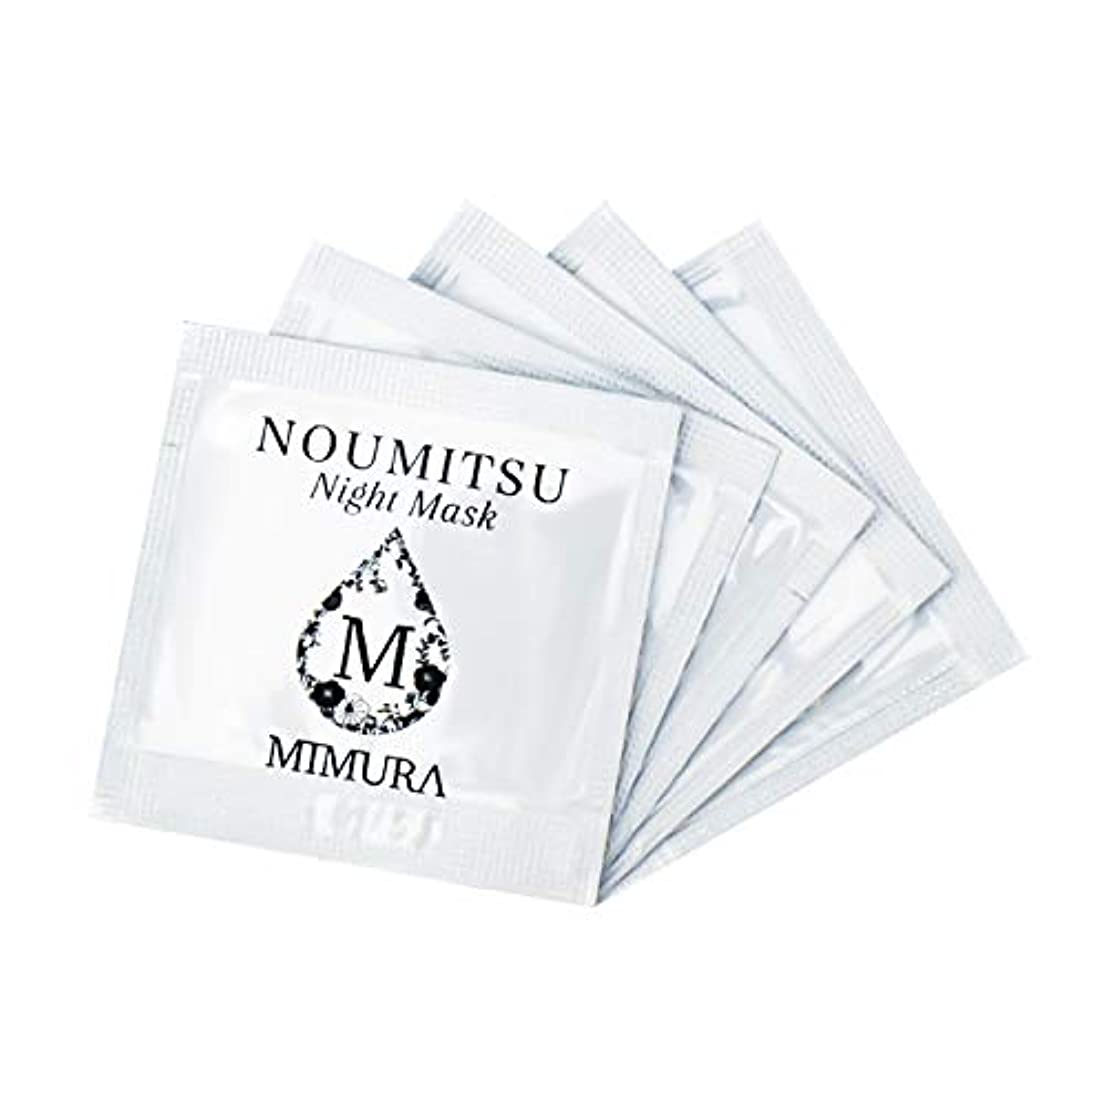 同情昨日騒乱ナイトケアクリーム 保湿 顔 用 ミムラ ナイトマスク NOUMITSU 試供品 5個入り ゆうパケット (ポスト投函)での発送となります。 MIMURA 乾燥肌 日本製 ※おひとり様1点、1回限りとなります。